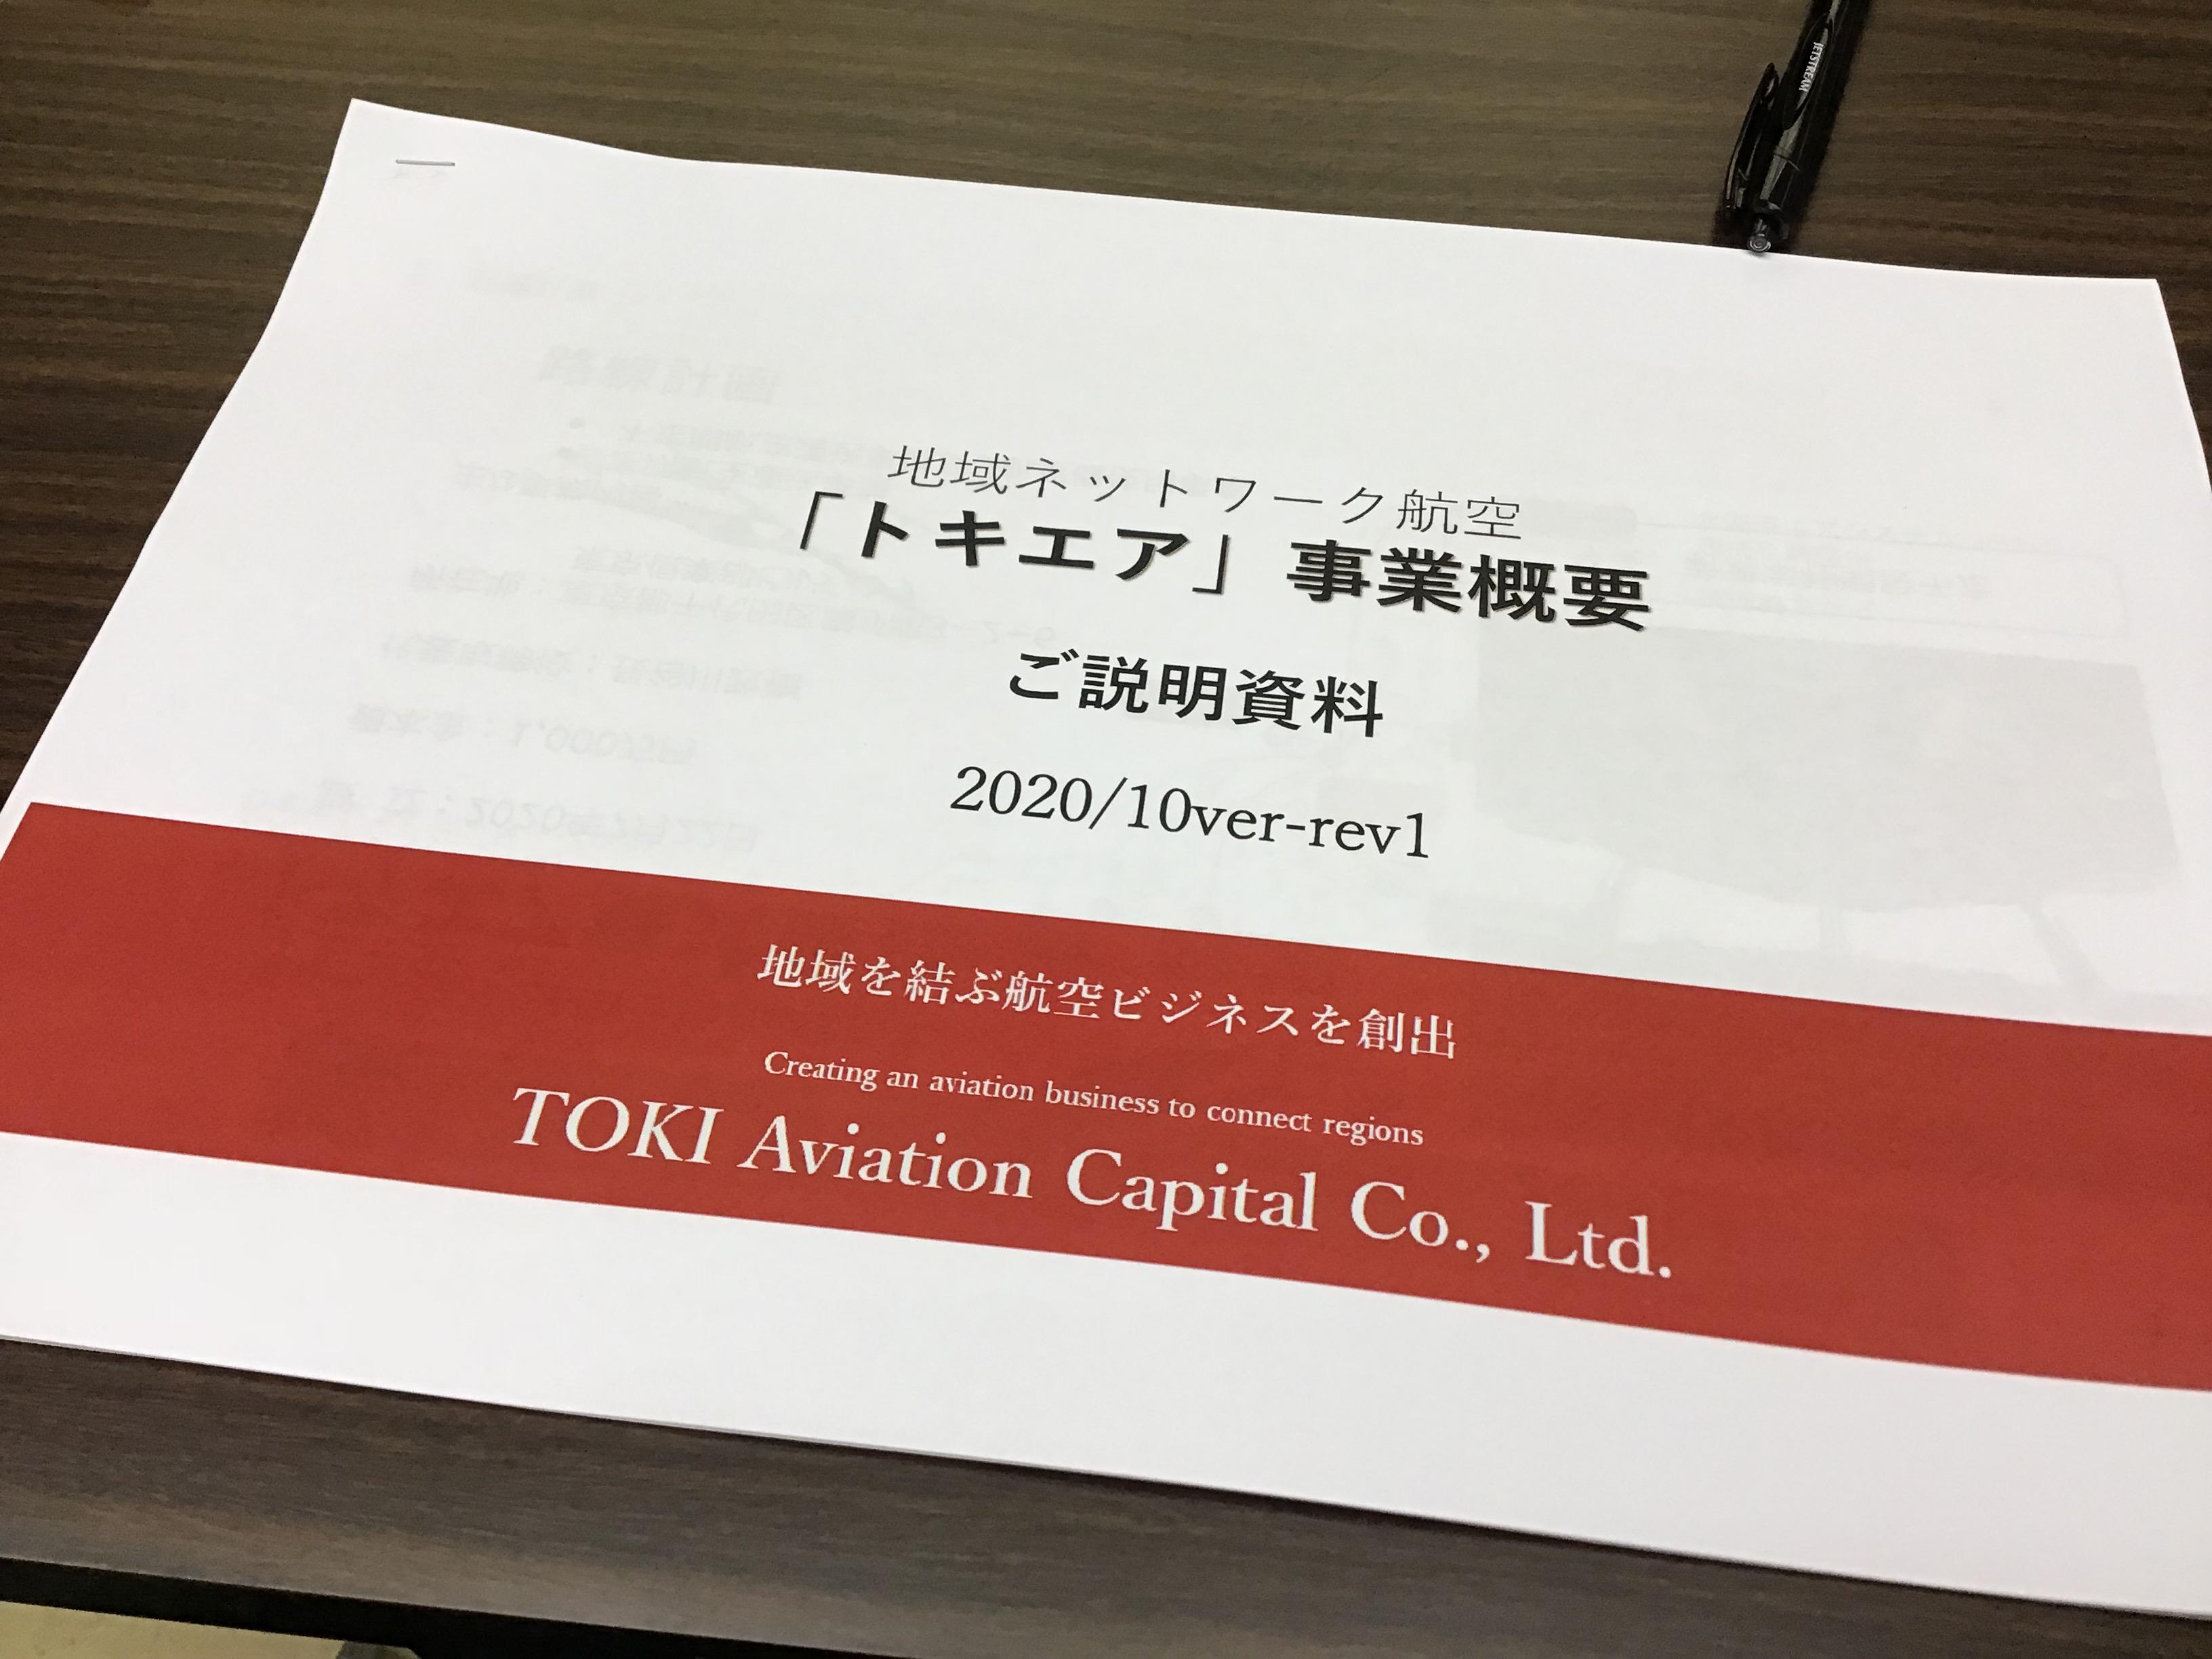 トキエアという航空会社